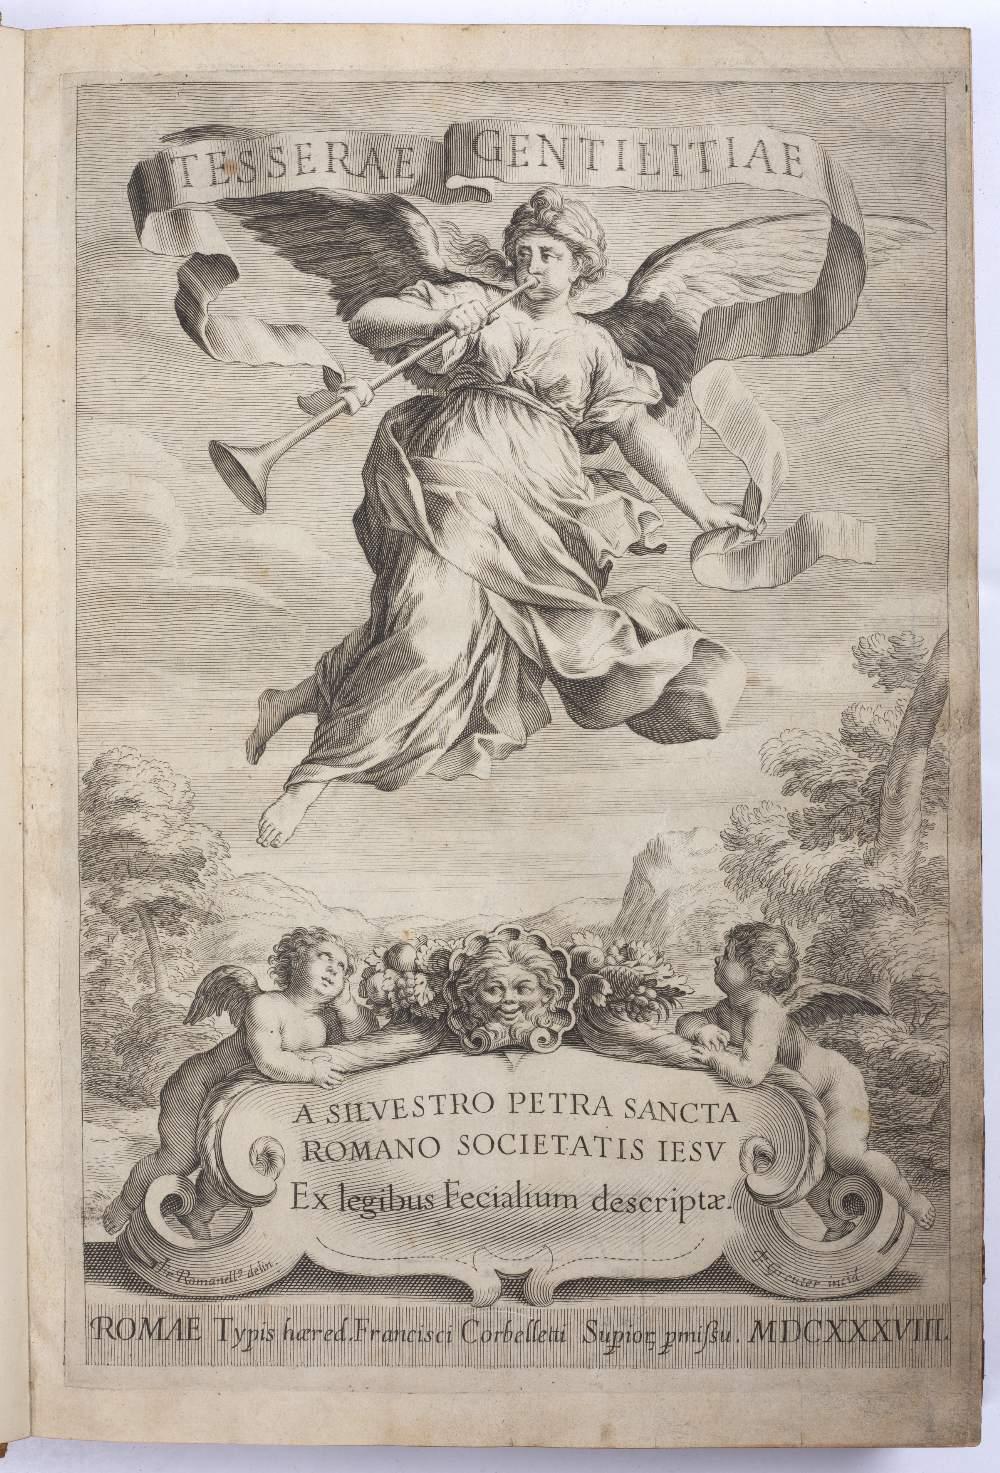 PETRA SANCTA, Silvestro, Tesserae Gentilitae, Rome, Francisci Corbelletti 1638 with title page - Image 2 of 3